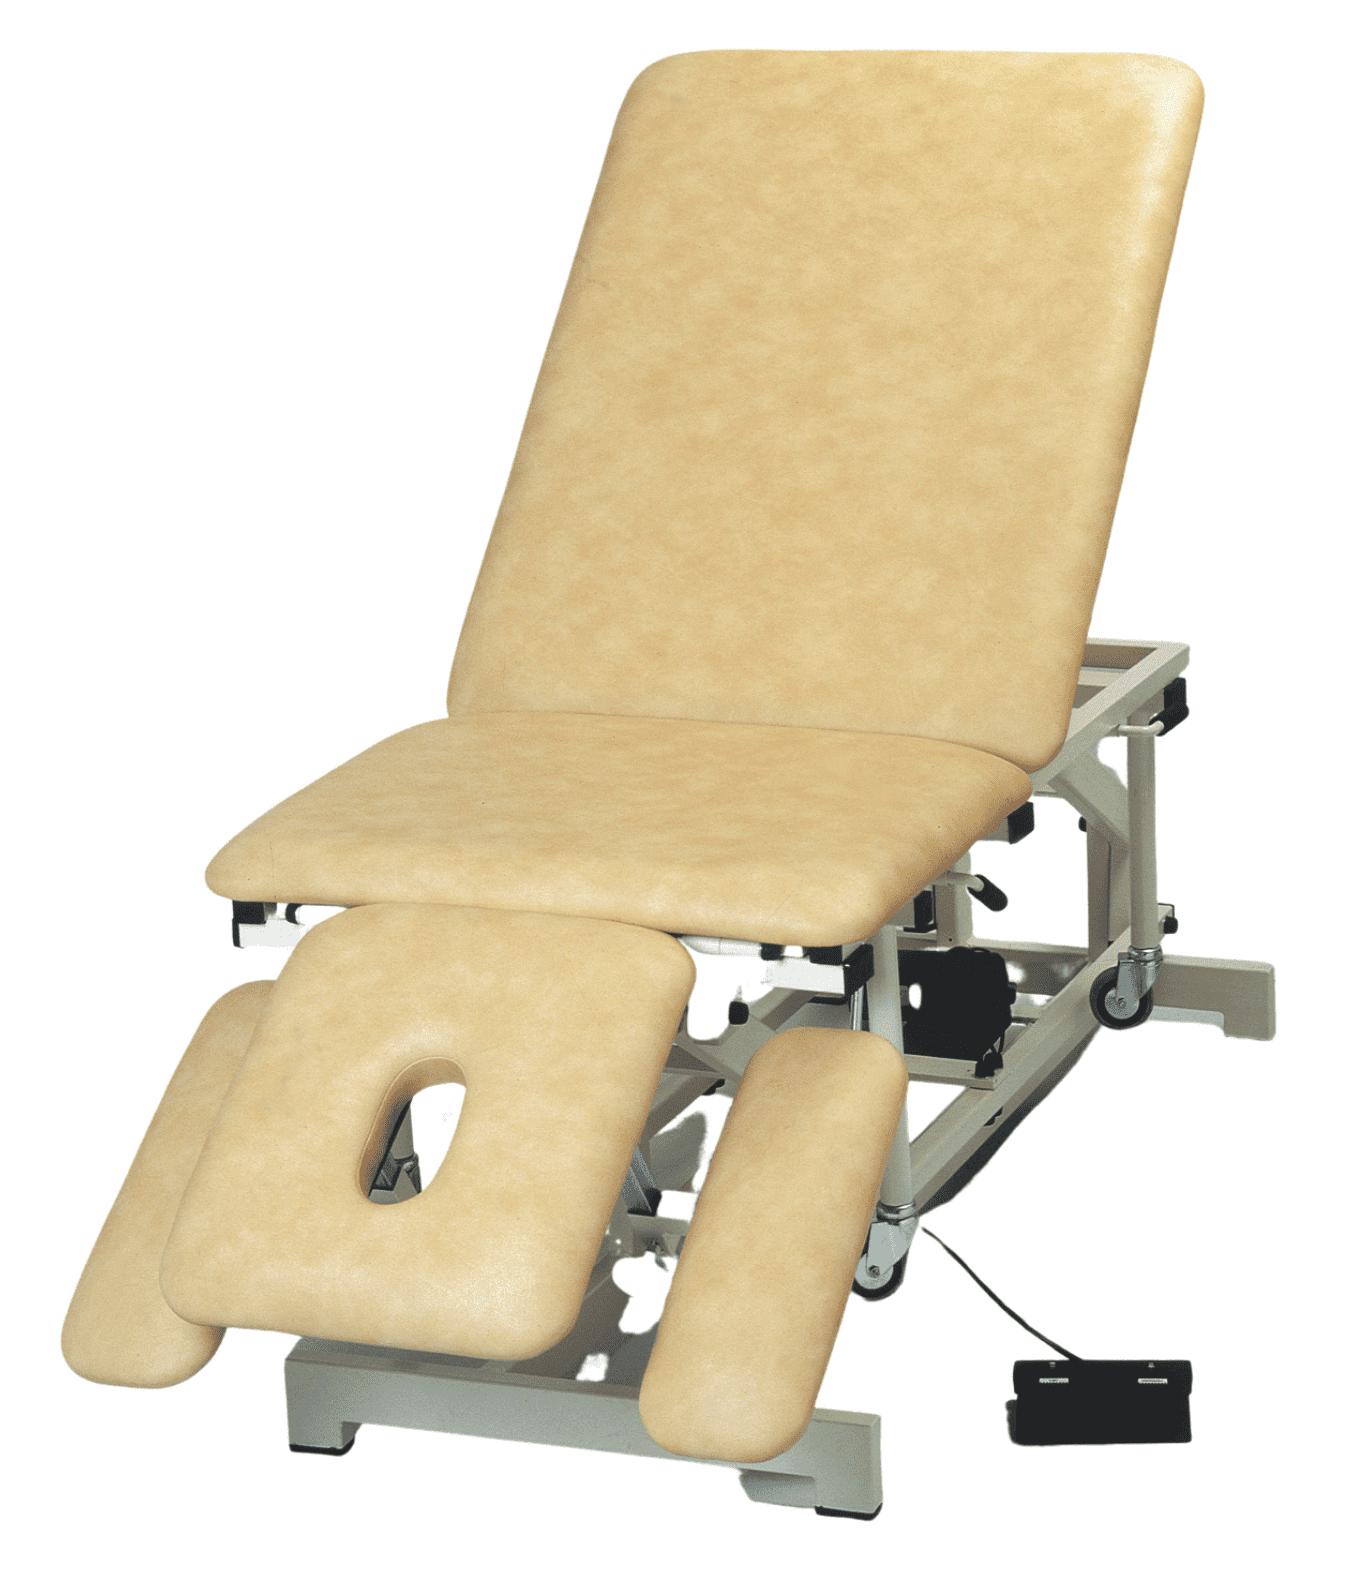 מיטת טיפולים חשמלית 5 חלקים HI-LO, דגם: PHT-510